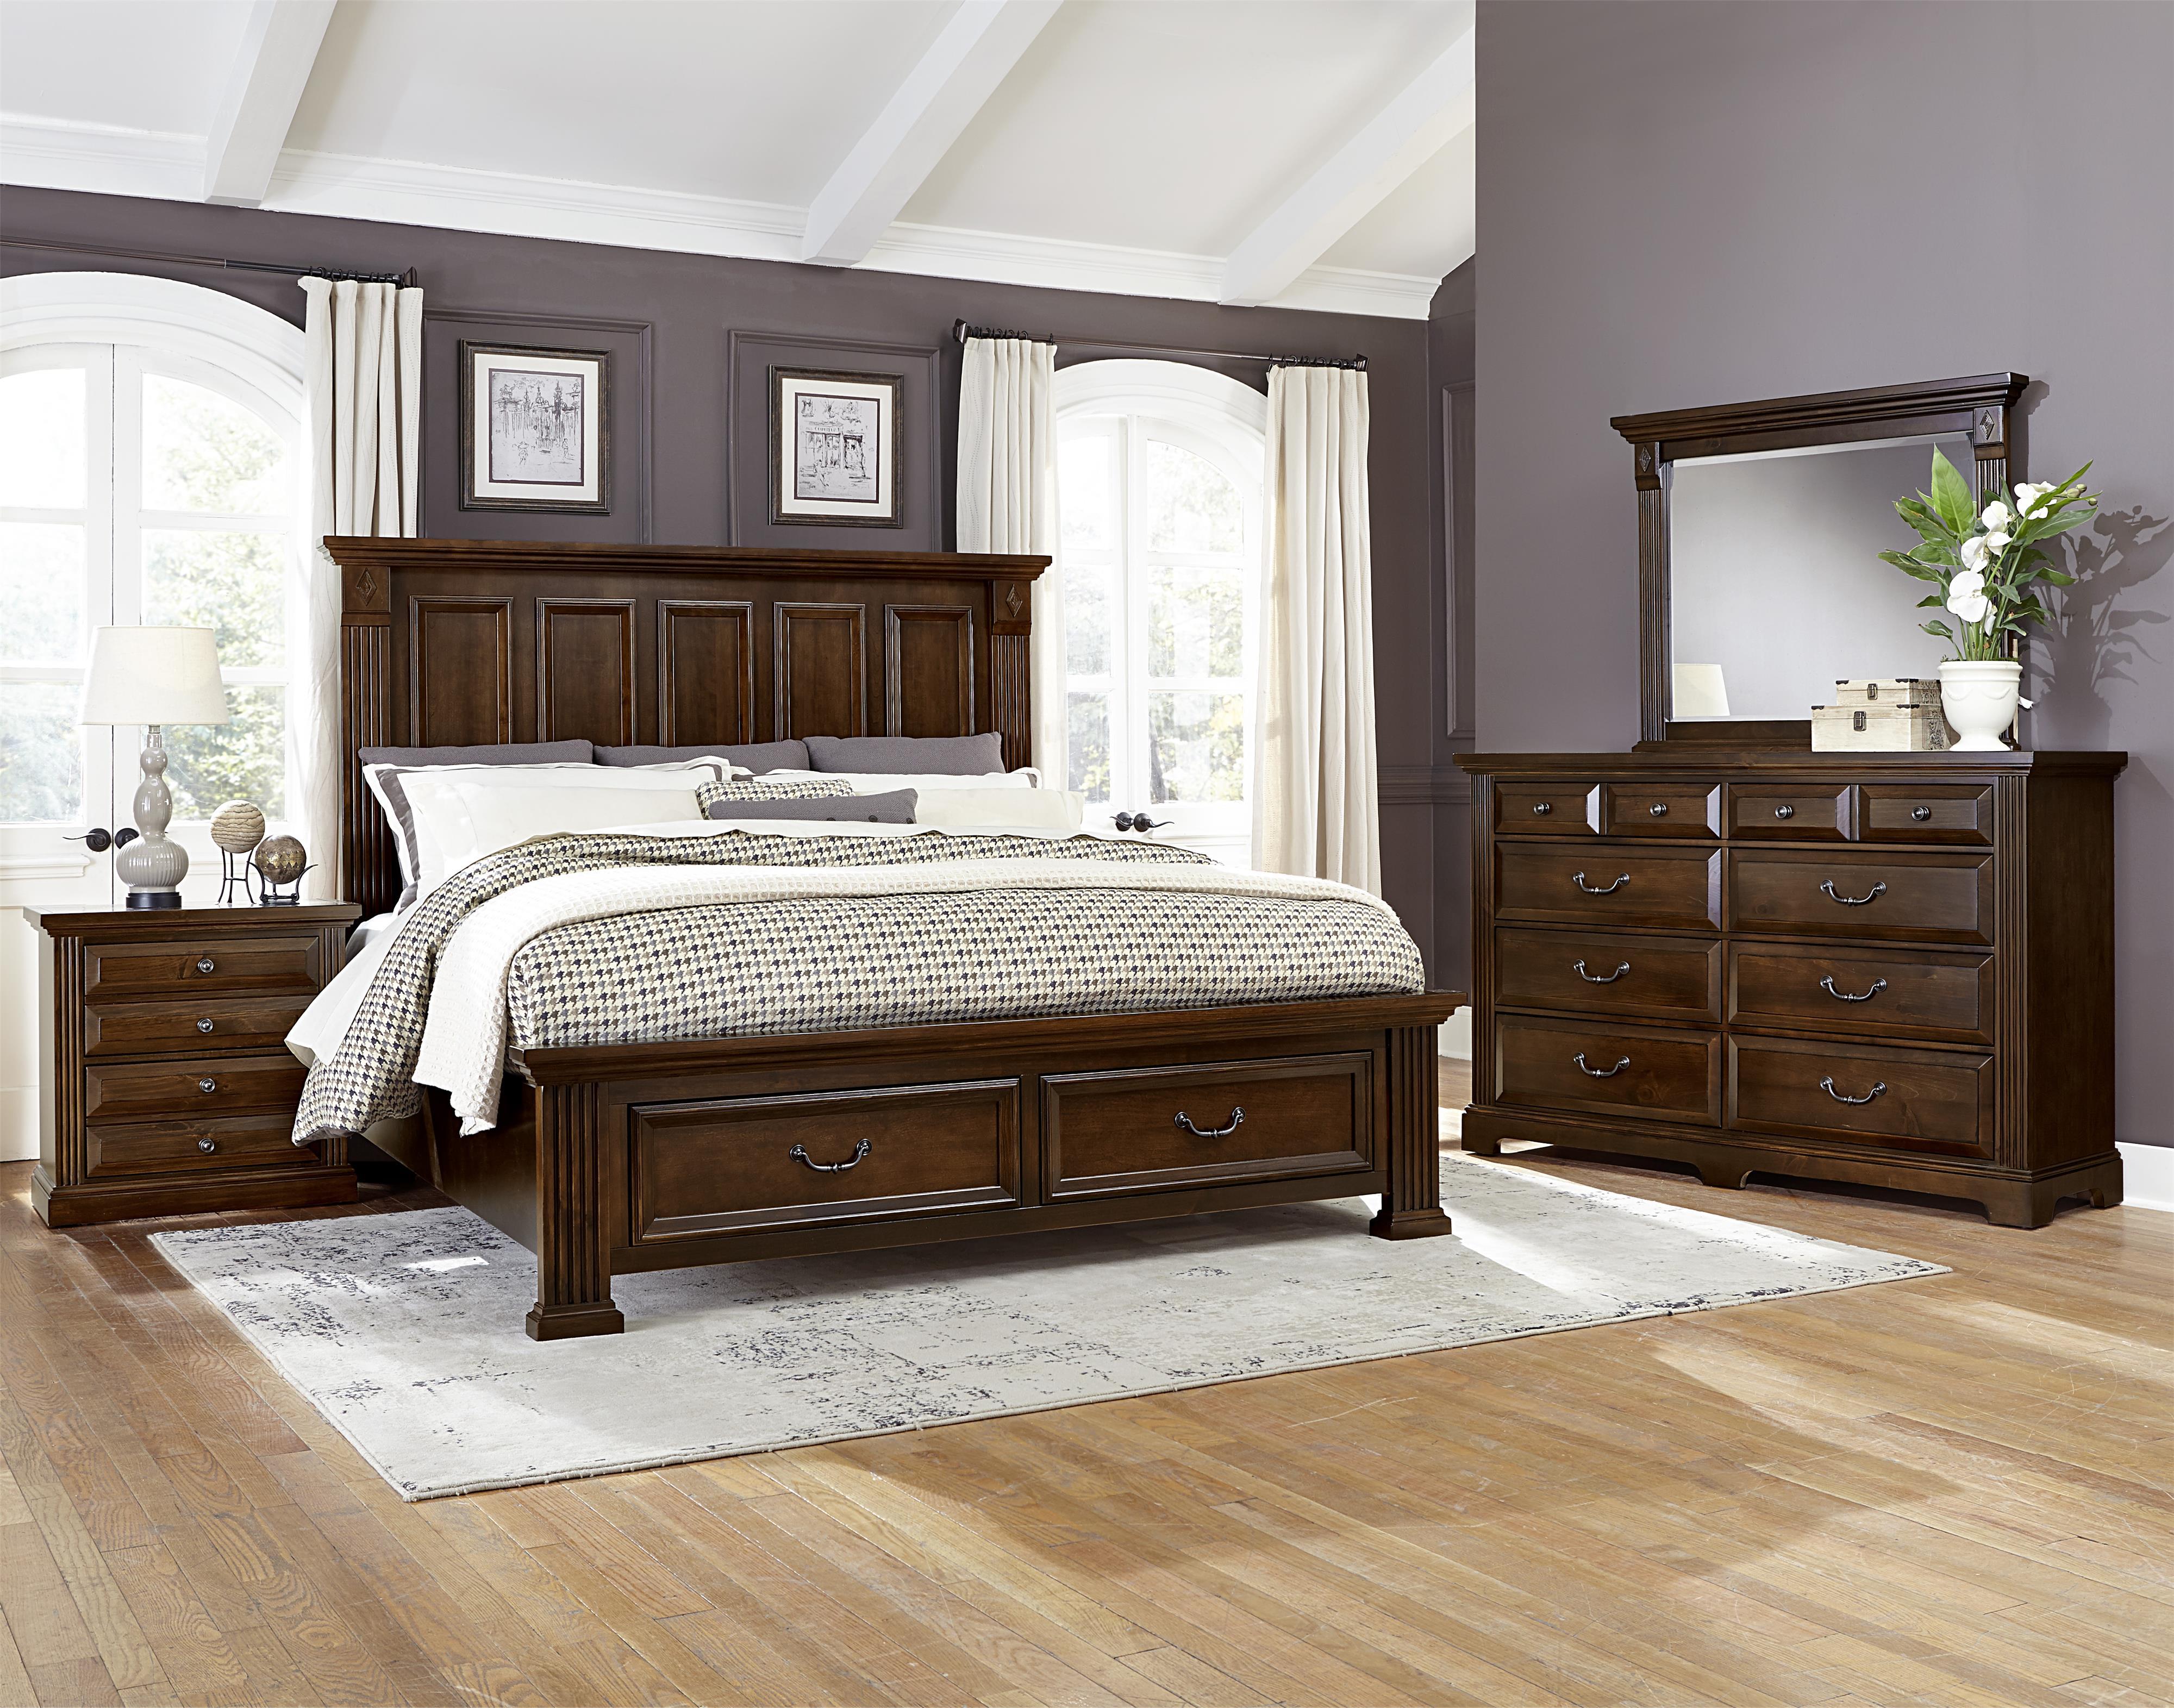 Vaughan Bassett Woodlands Queen Bedroom Group Belfort Furniture Bedroom Groups